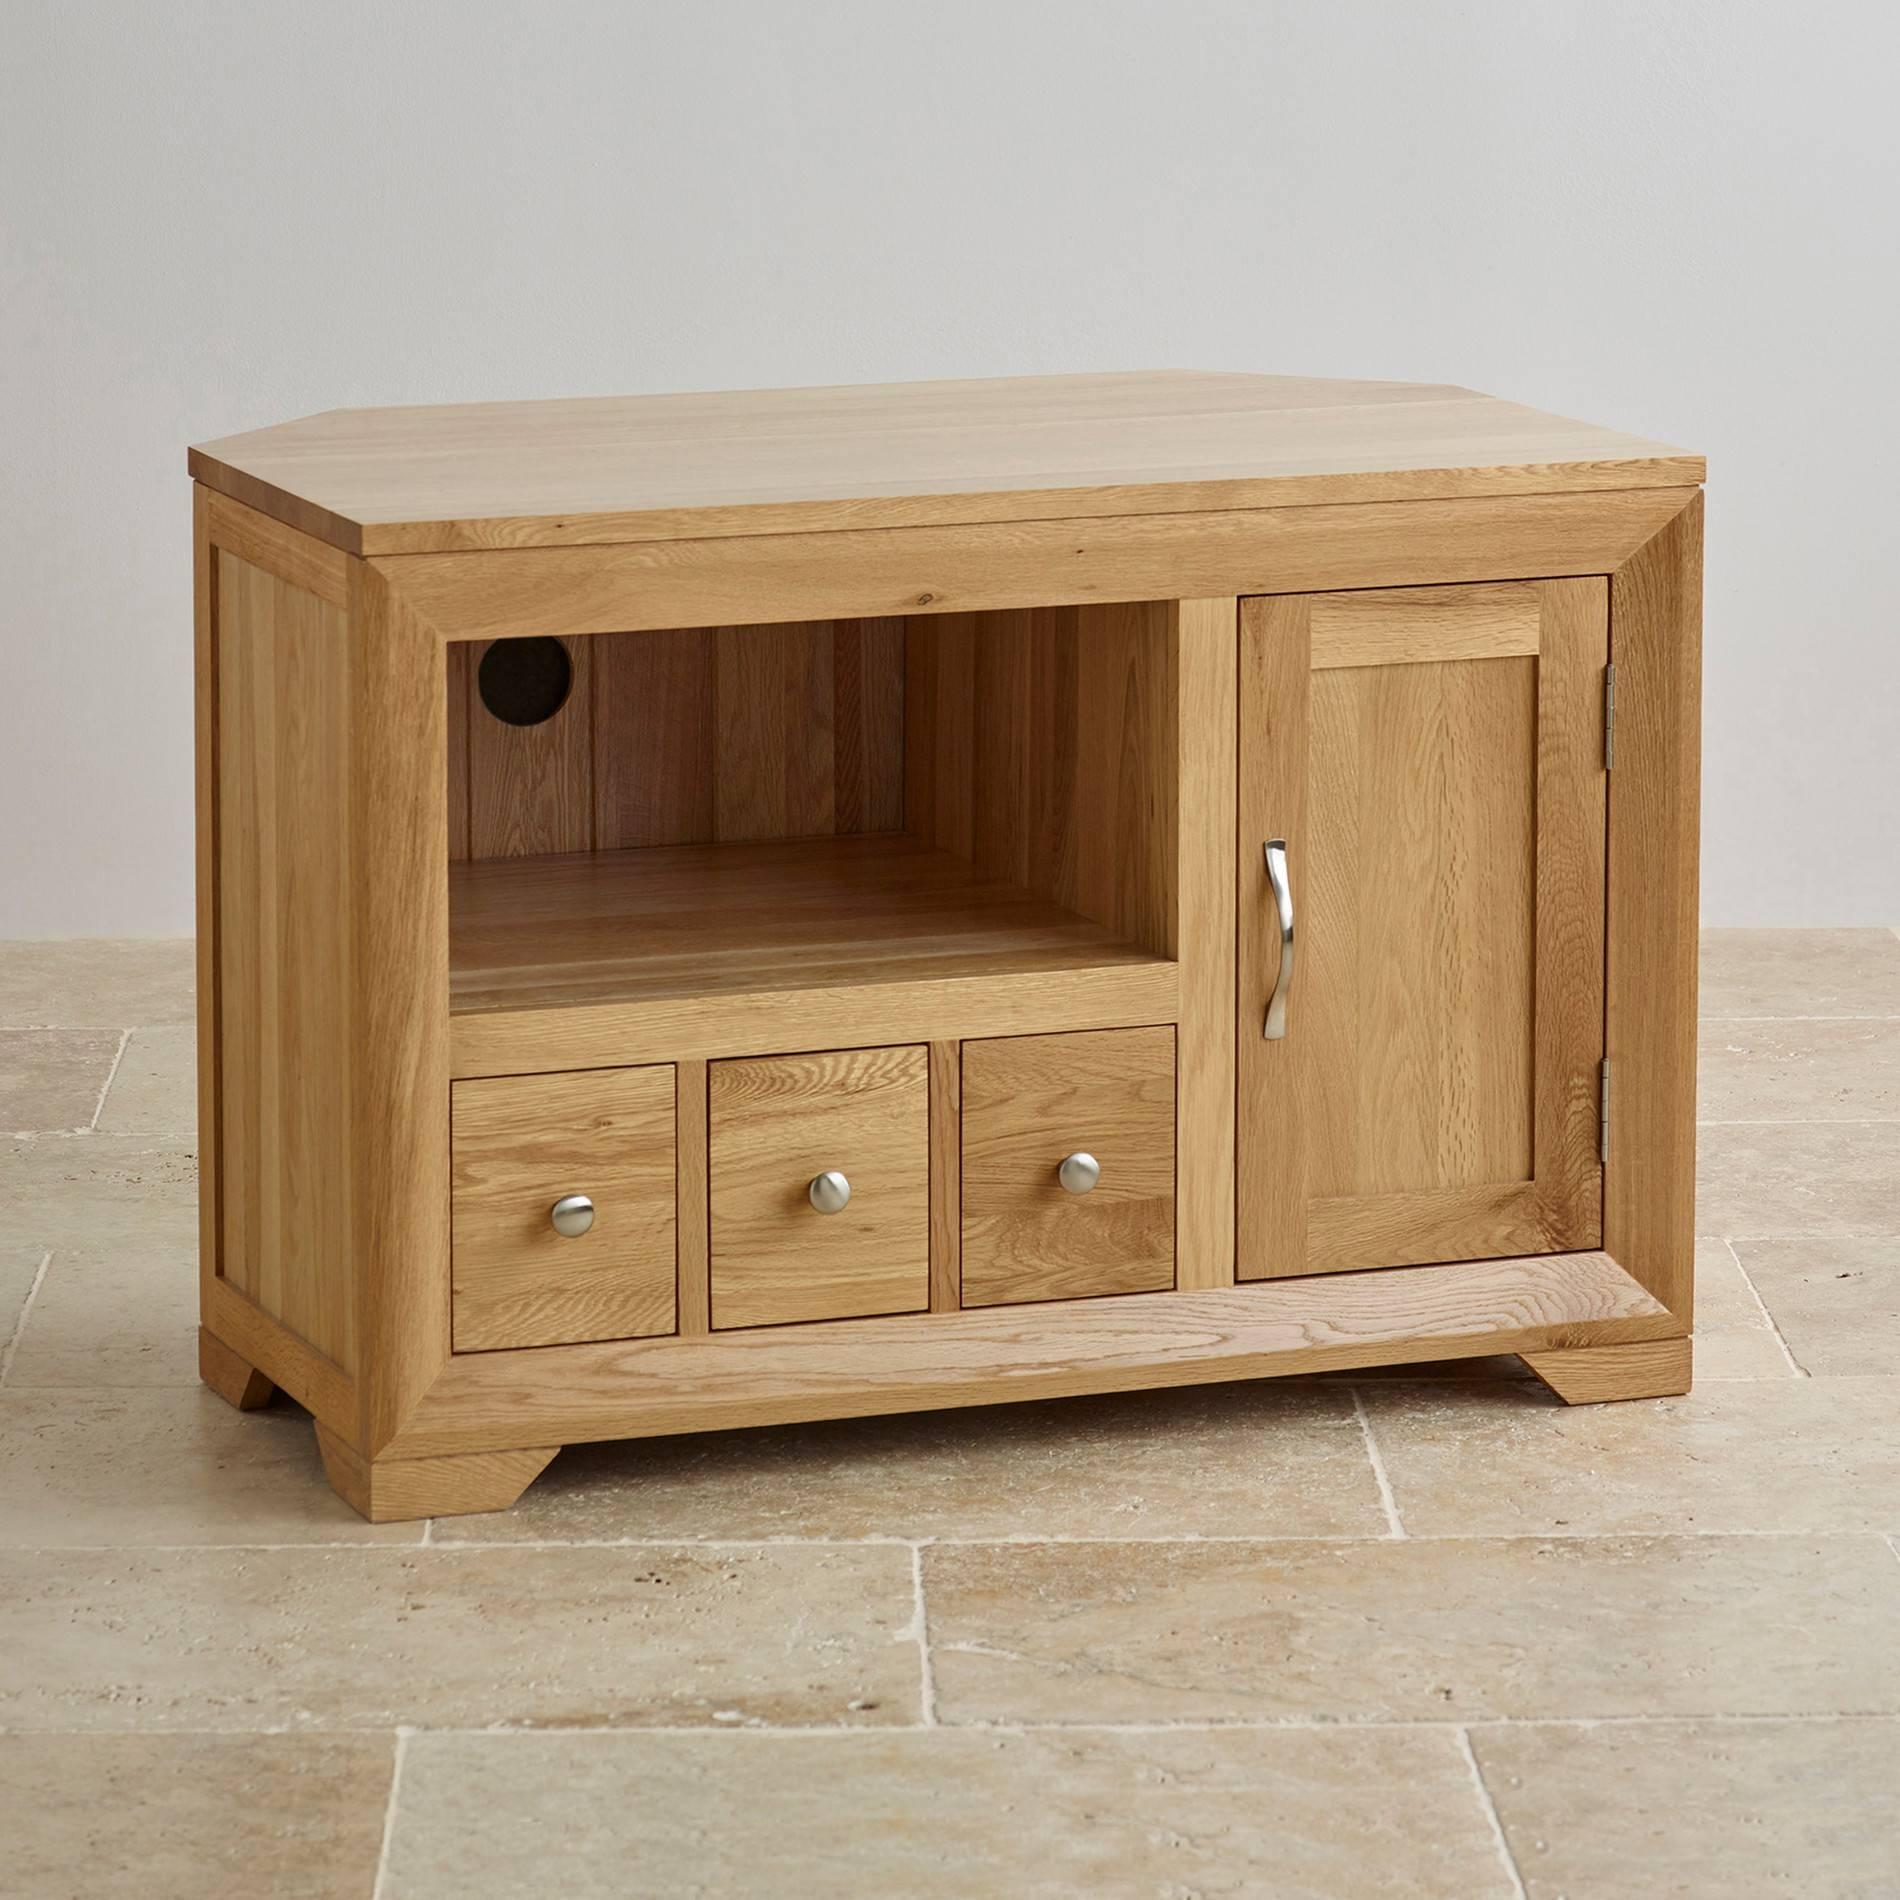 Bevel Small Corner Tv Cabinet In Solid Oak | Oak Furniture Land inside Corner Wooden Tv Cabinets (Image 1 of 15)